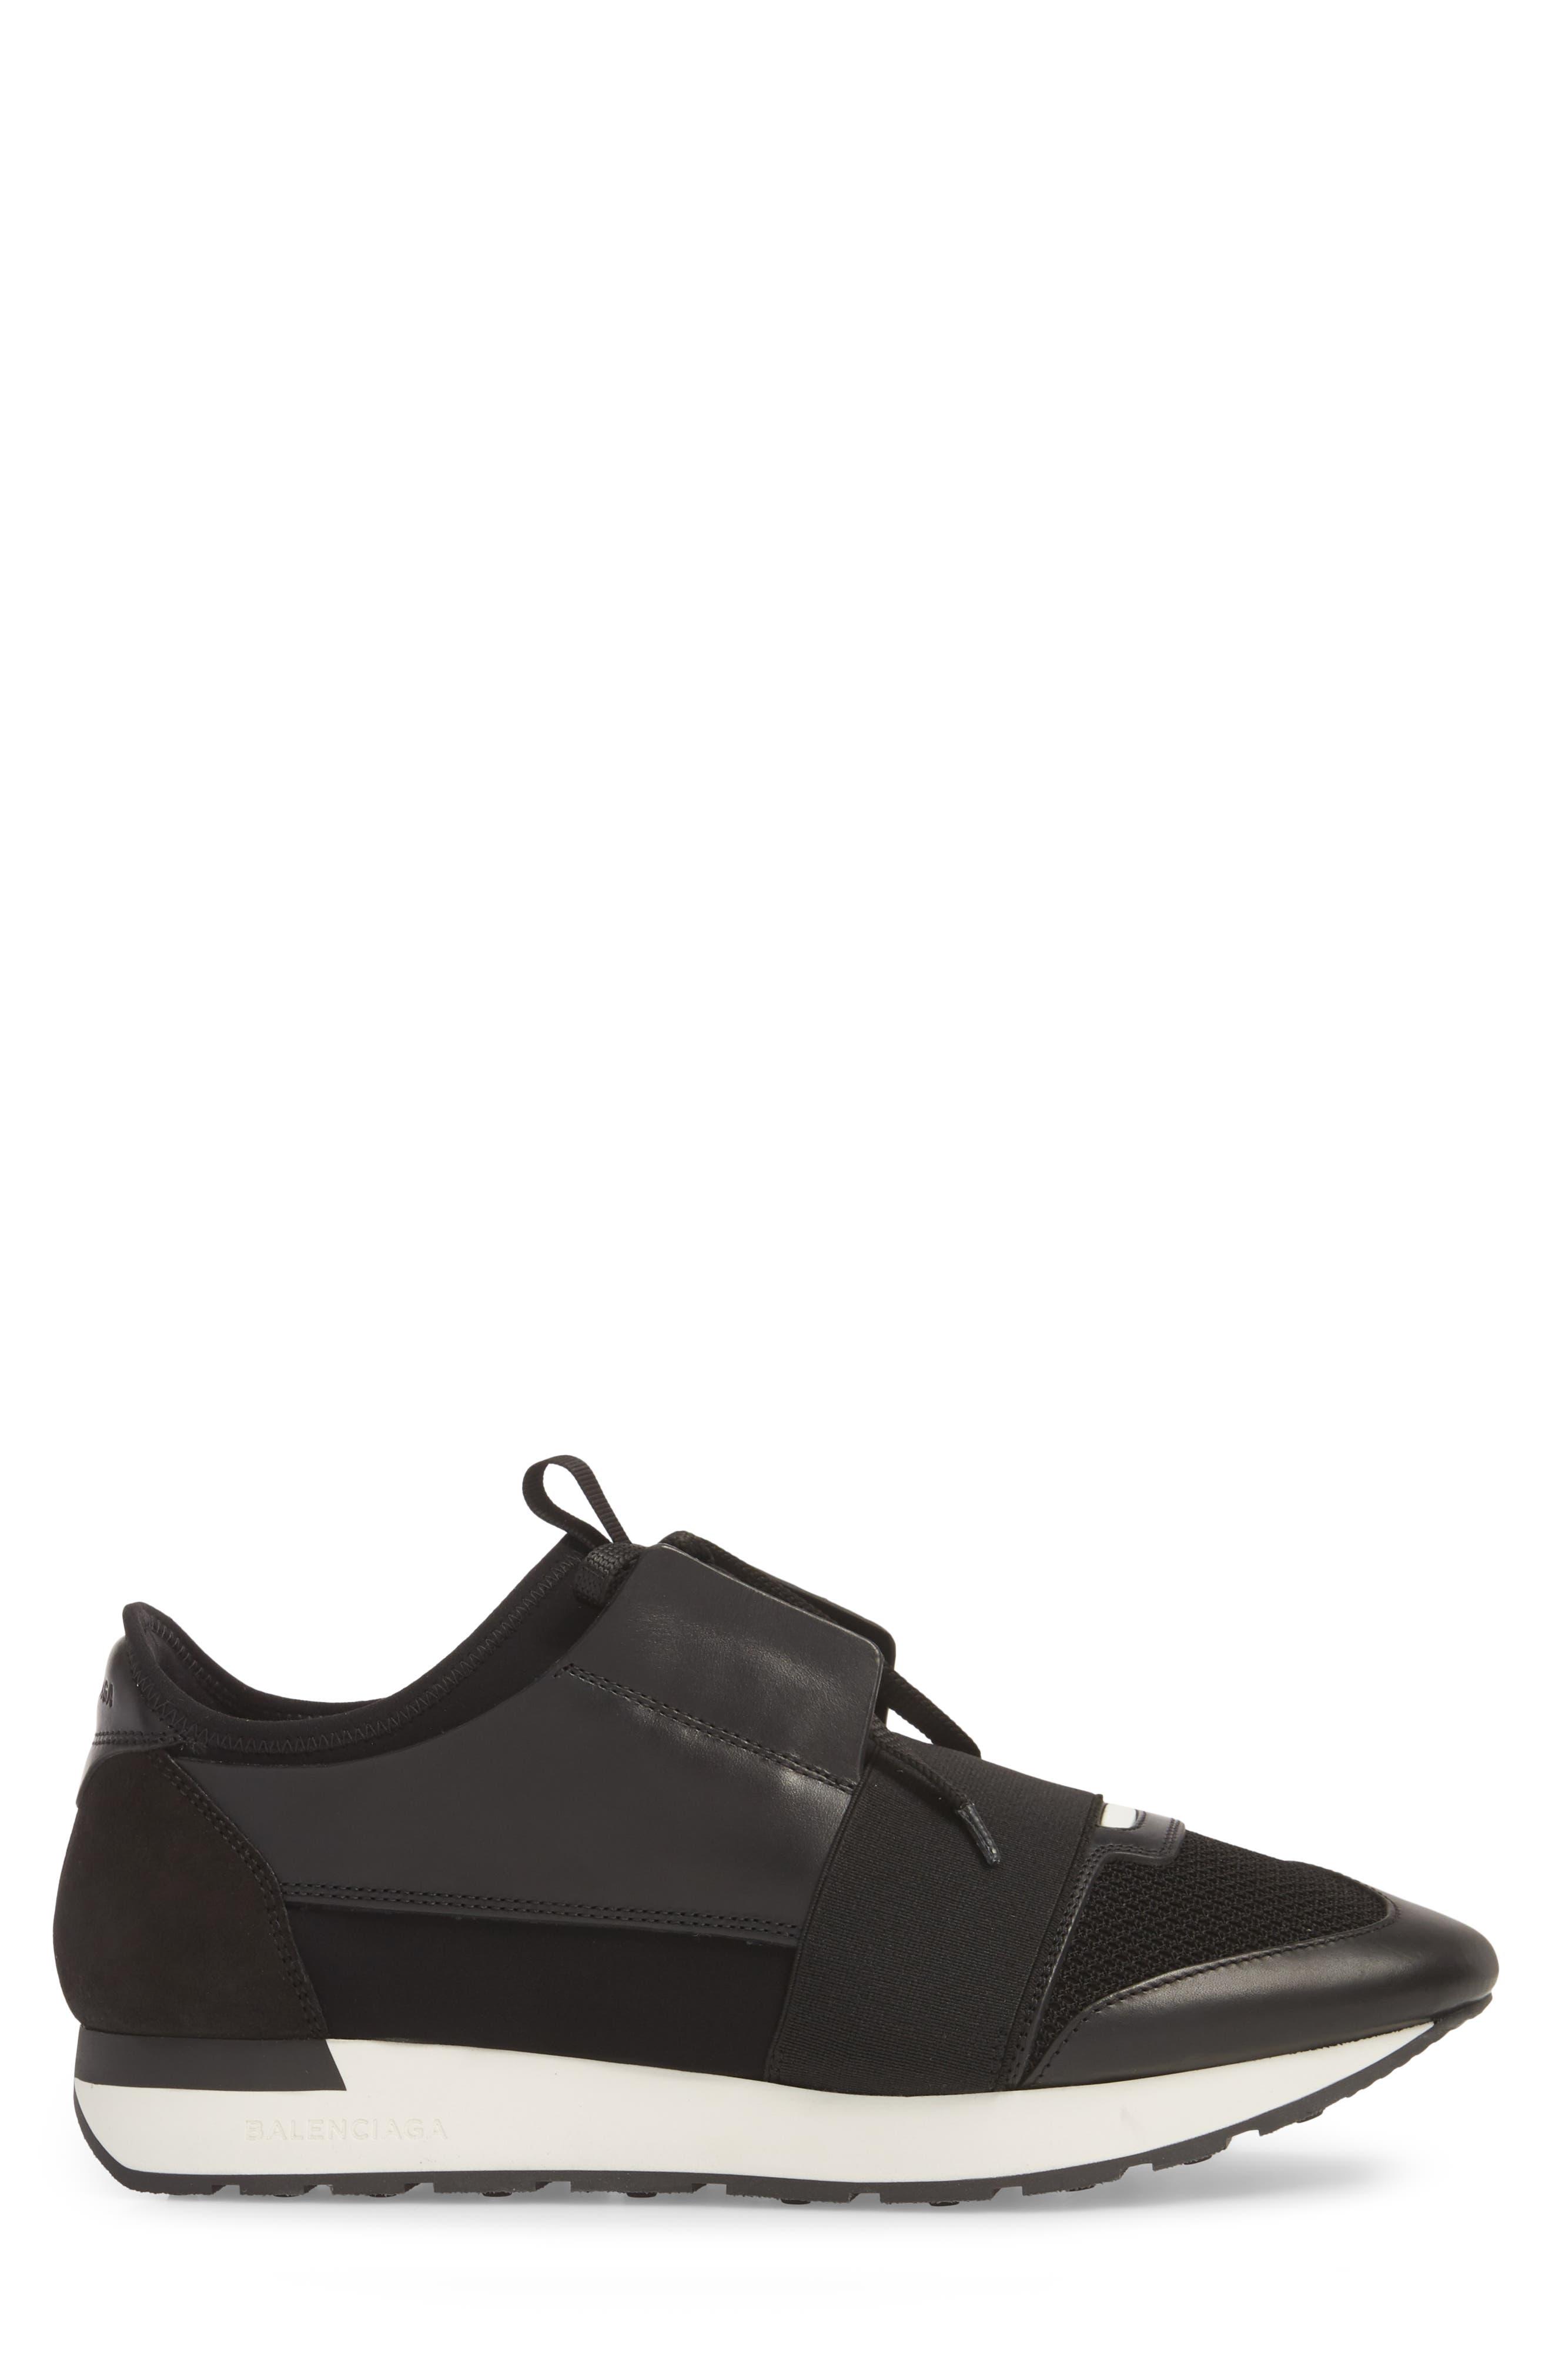 Race Runner Sneaker,                             Alternate thumbnail 3, color,                             NOIR/ BLACK